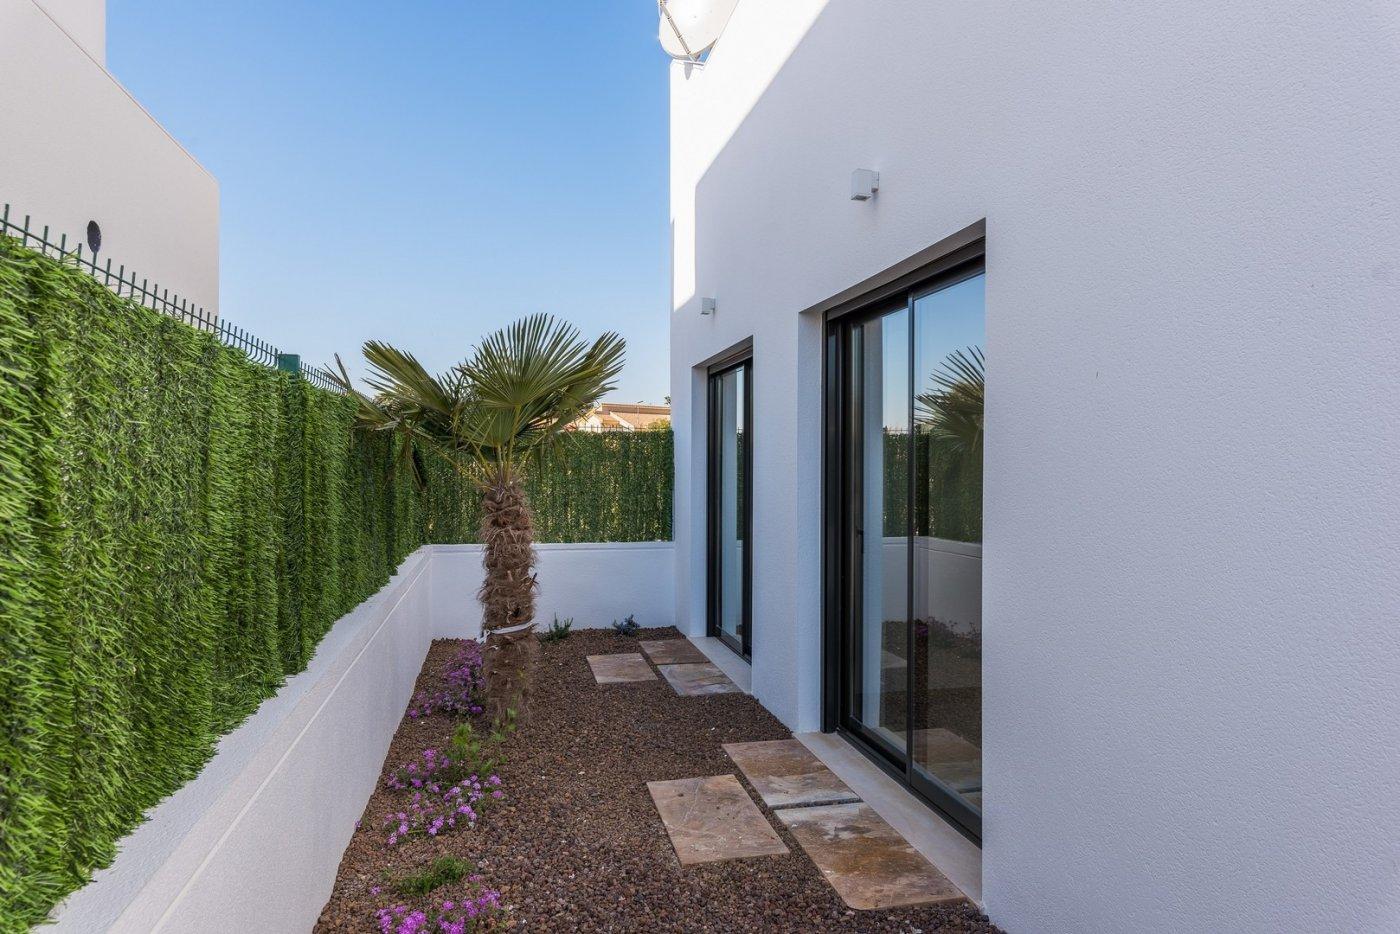 Villas nuevas con piscina privada y solarium a 700m de la playa !!! - imagenInmueble12